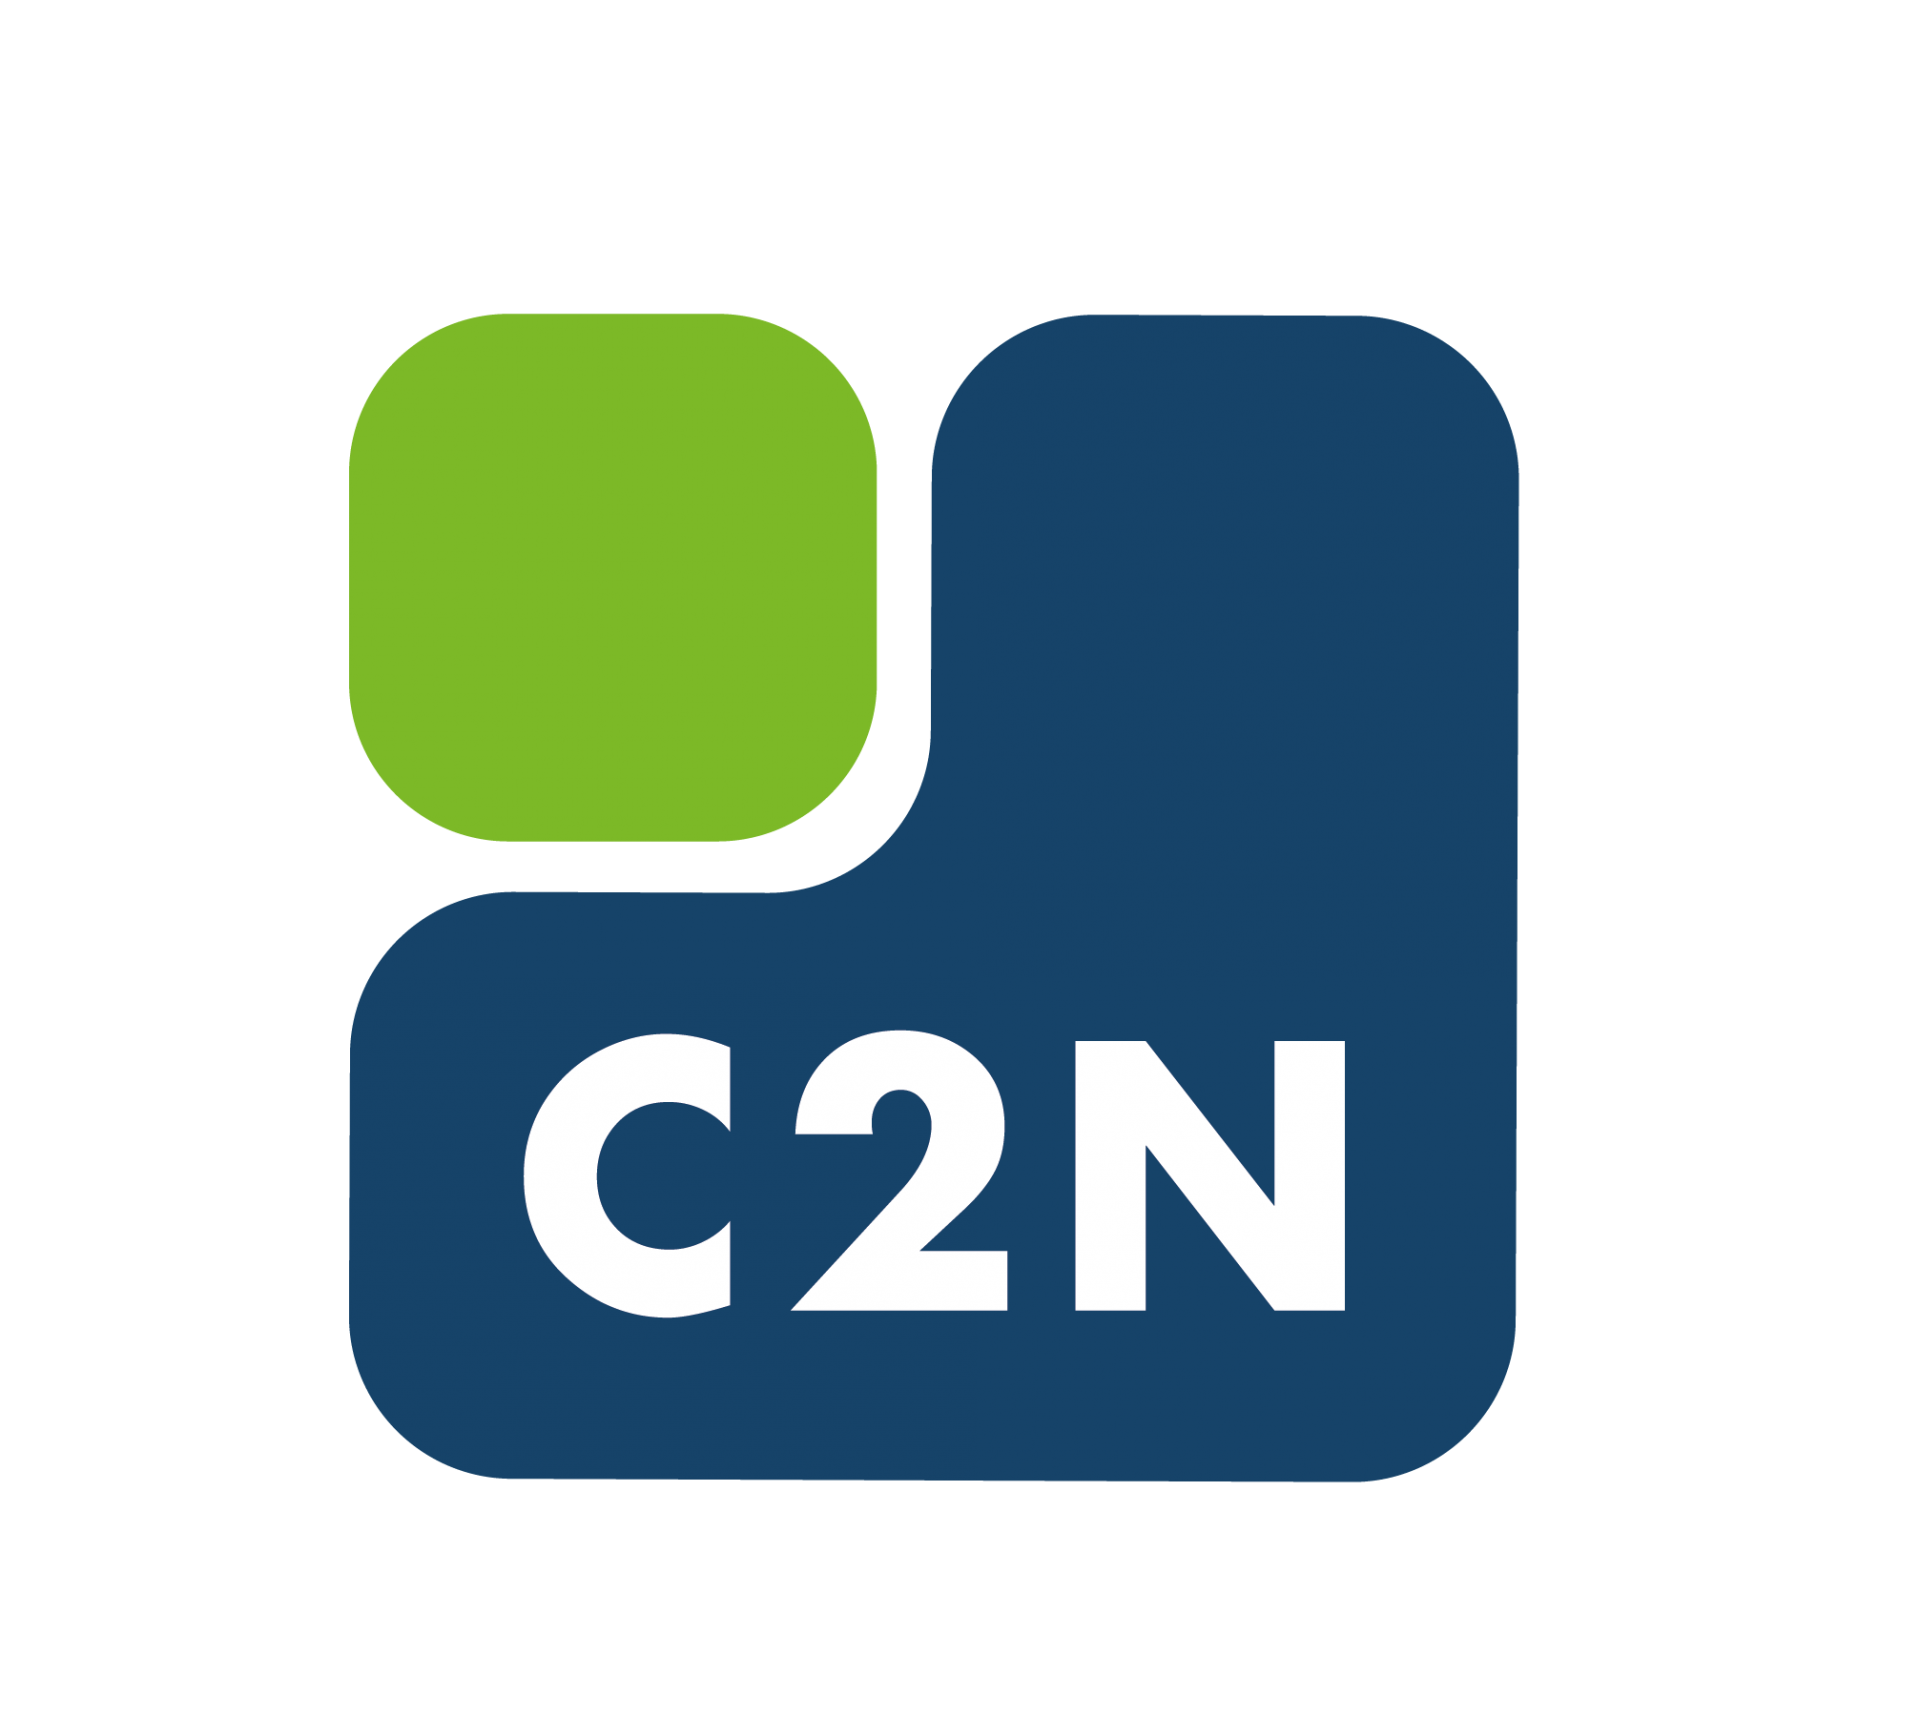 Logo c2n quadri